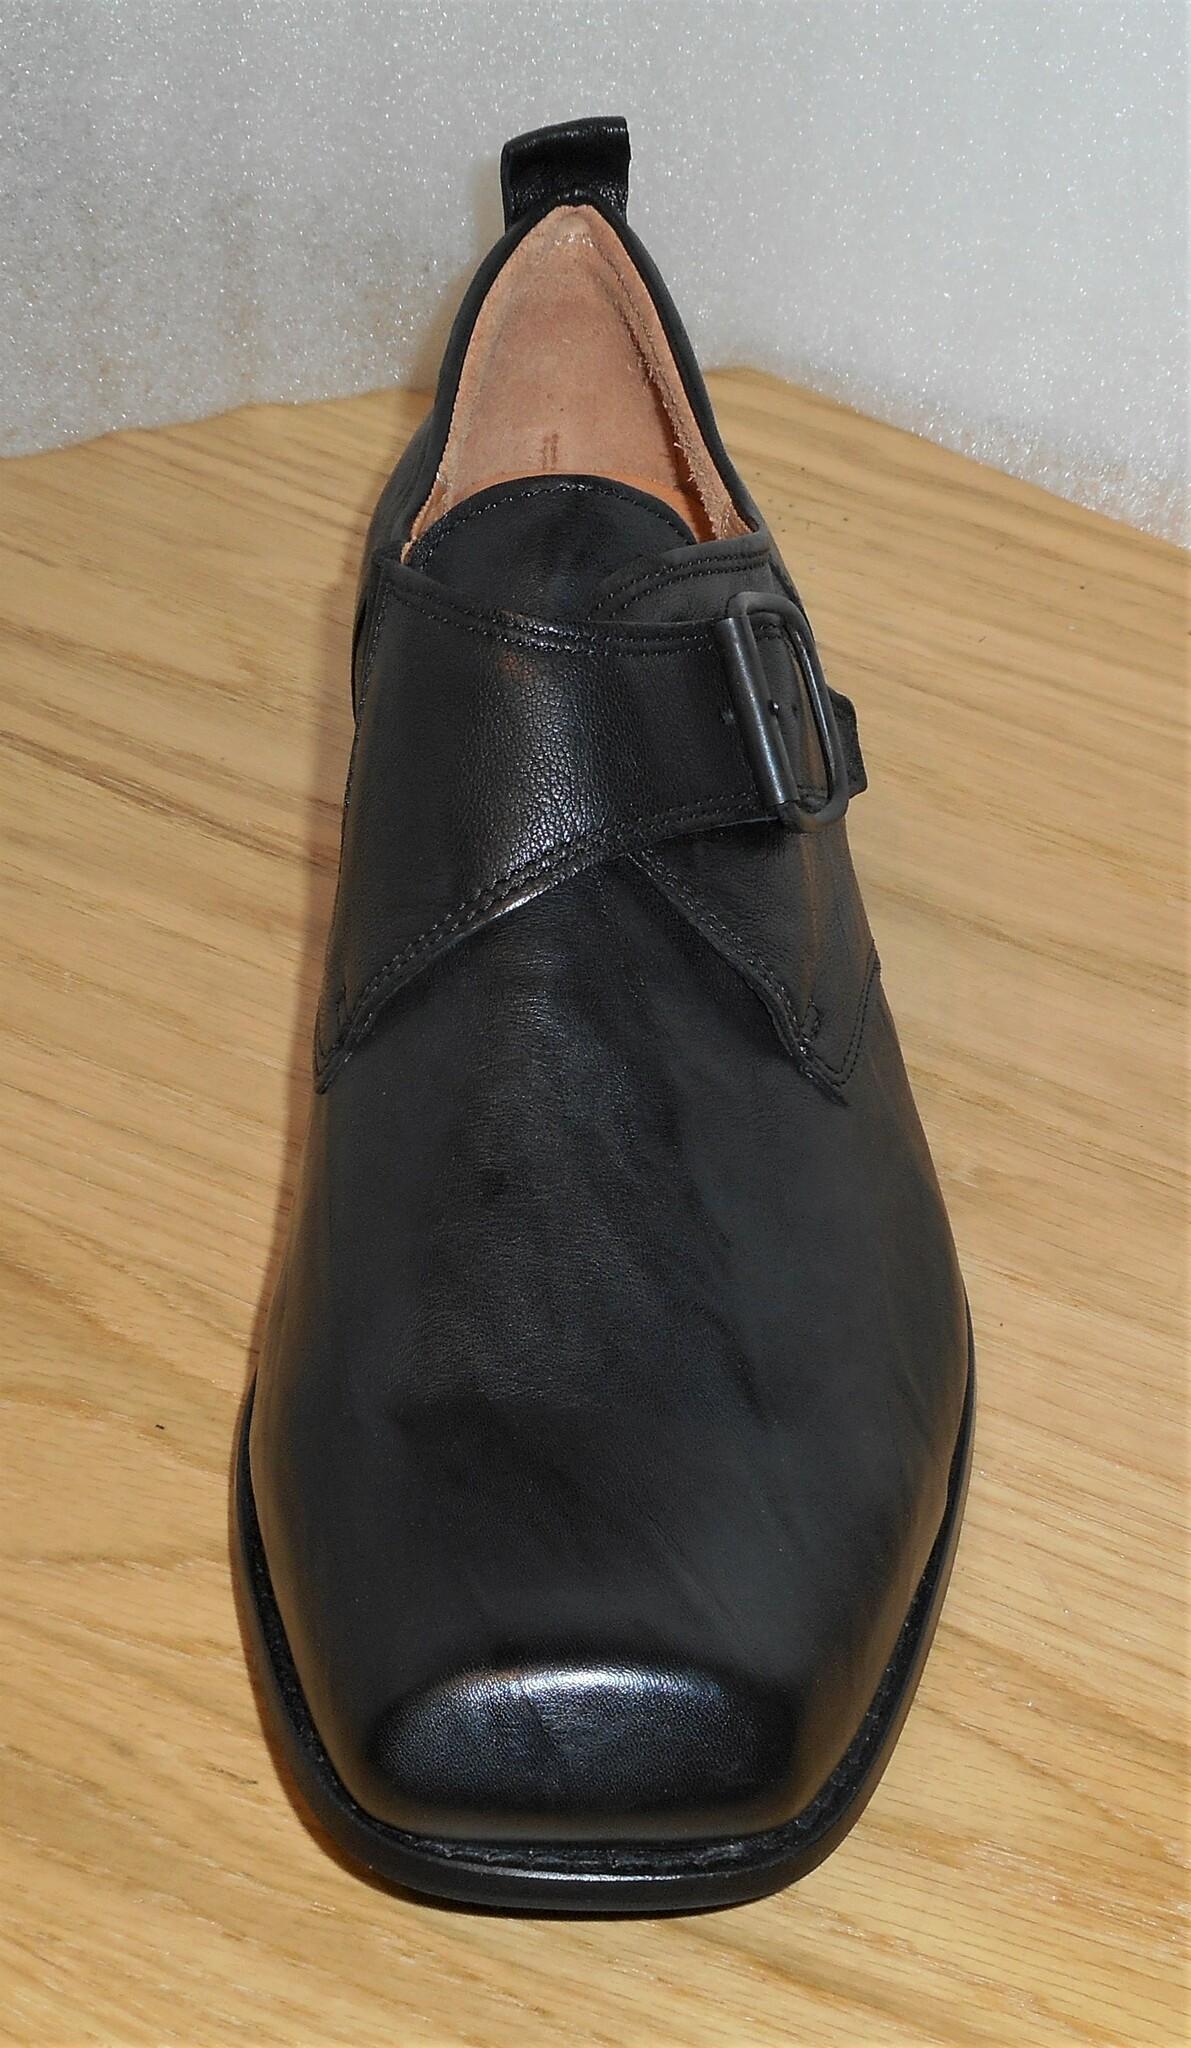 Svart sko med kardborreknäppning - fabrikt Think!